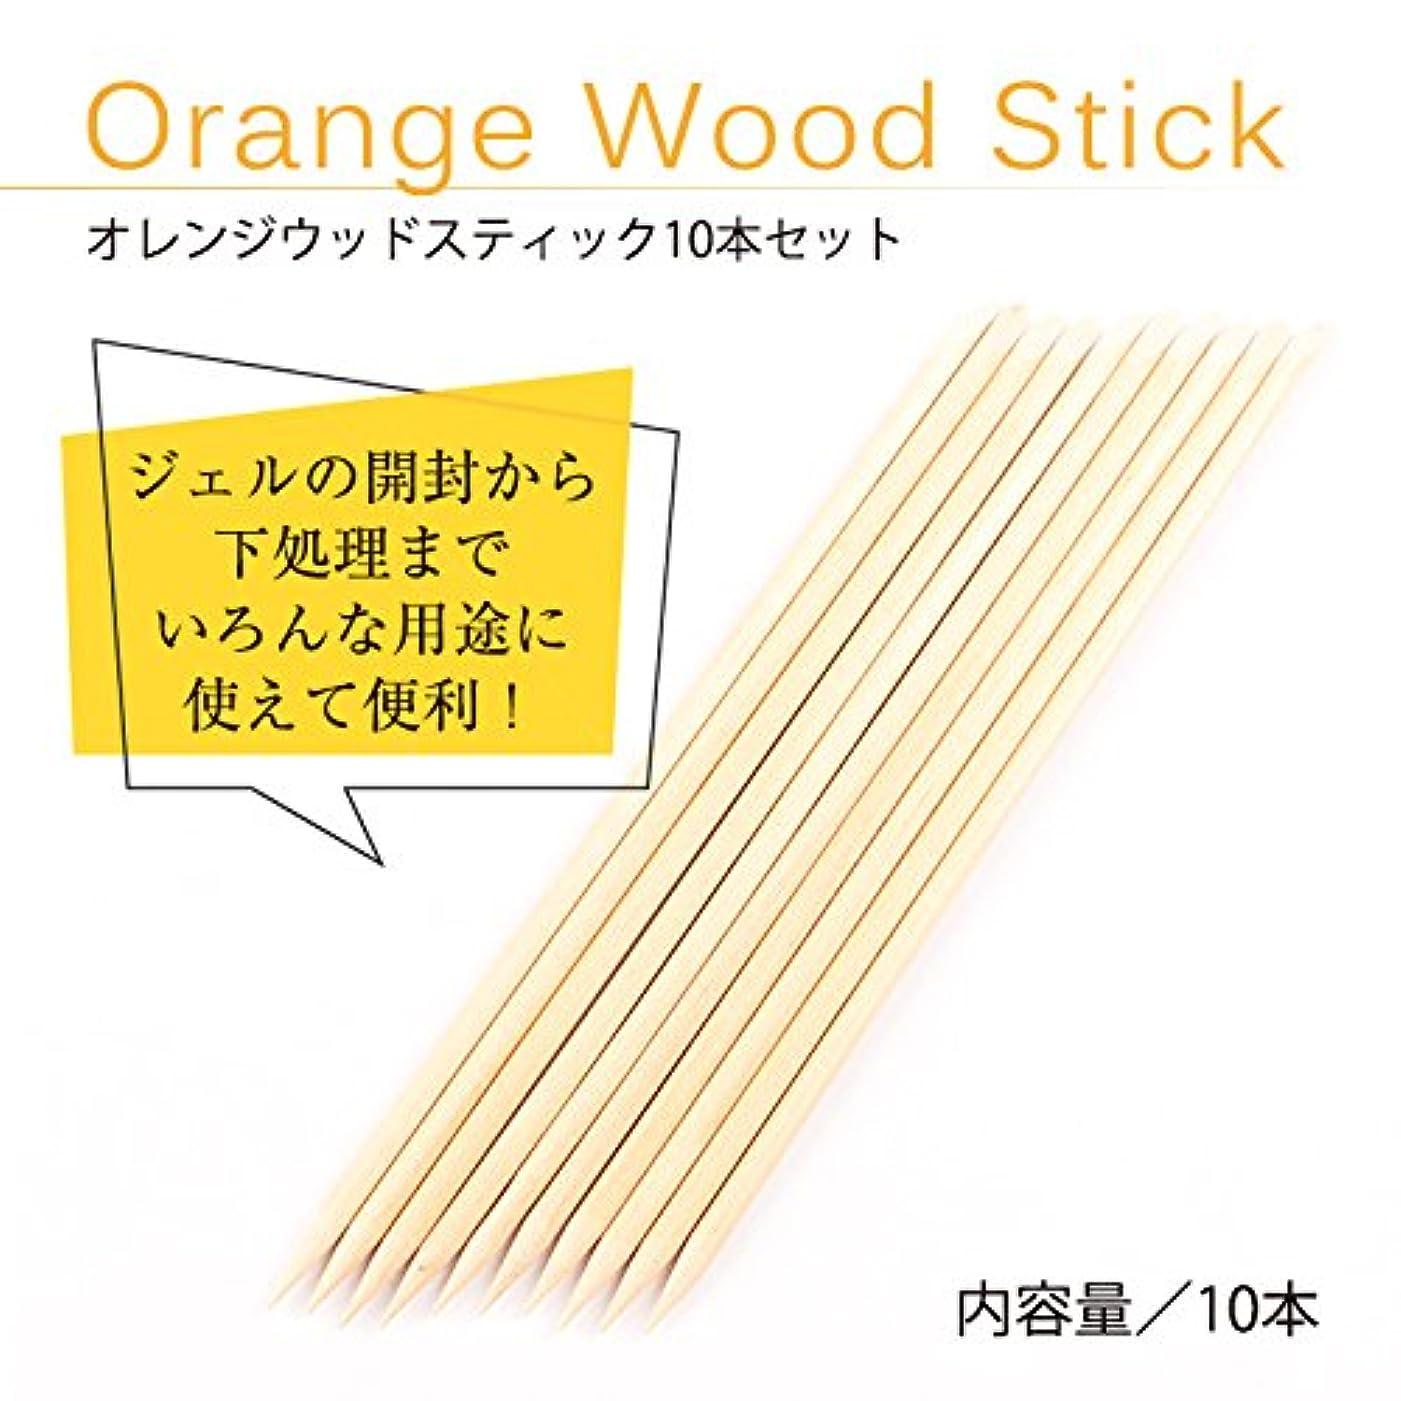 リーダーシップ放射する時計オレンジ ウッドスティック 10本セット ジェルネイル